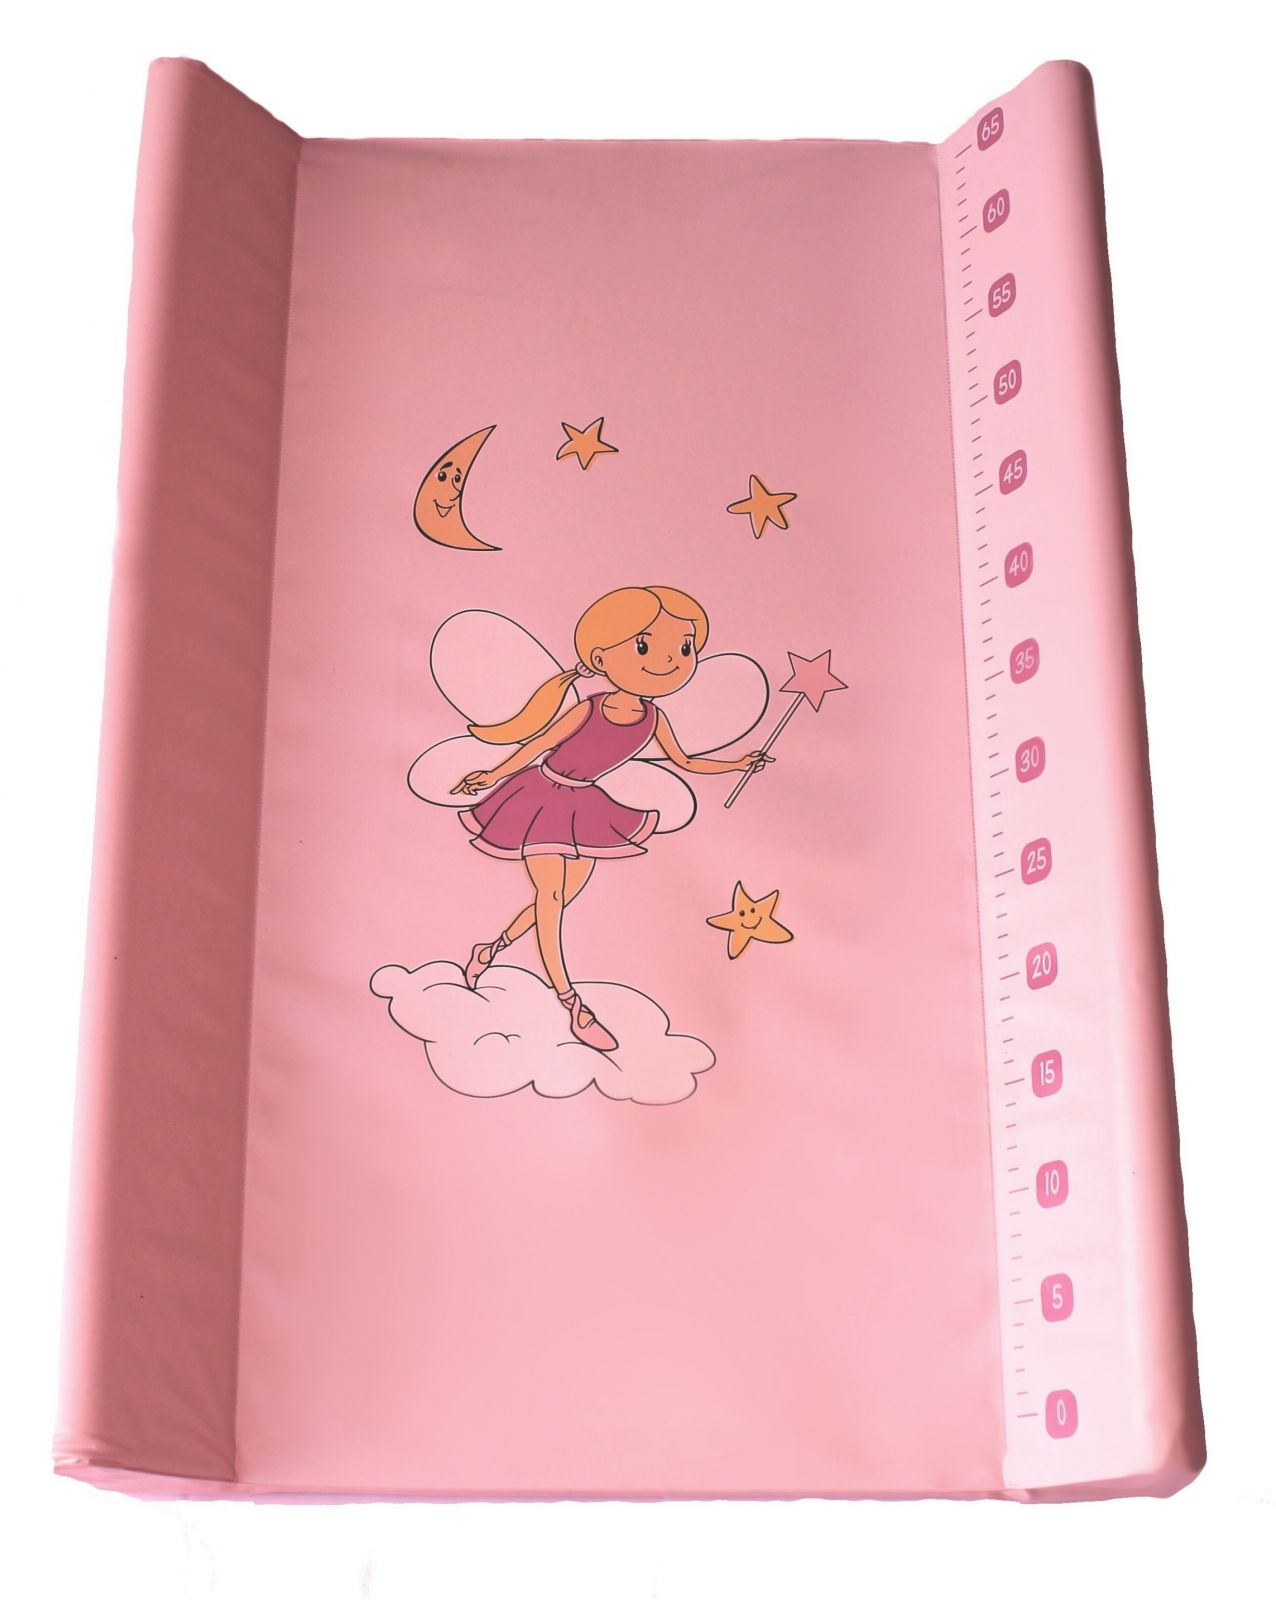 Přebalovací podložka Baby sky měkká 50x80 cm růžová víla